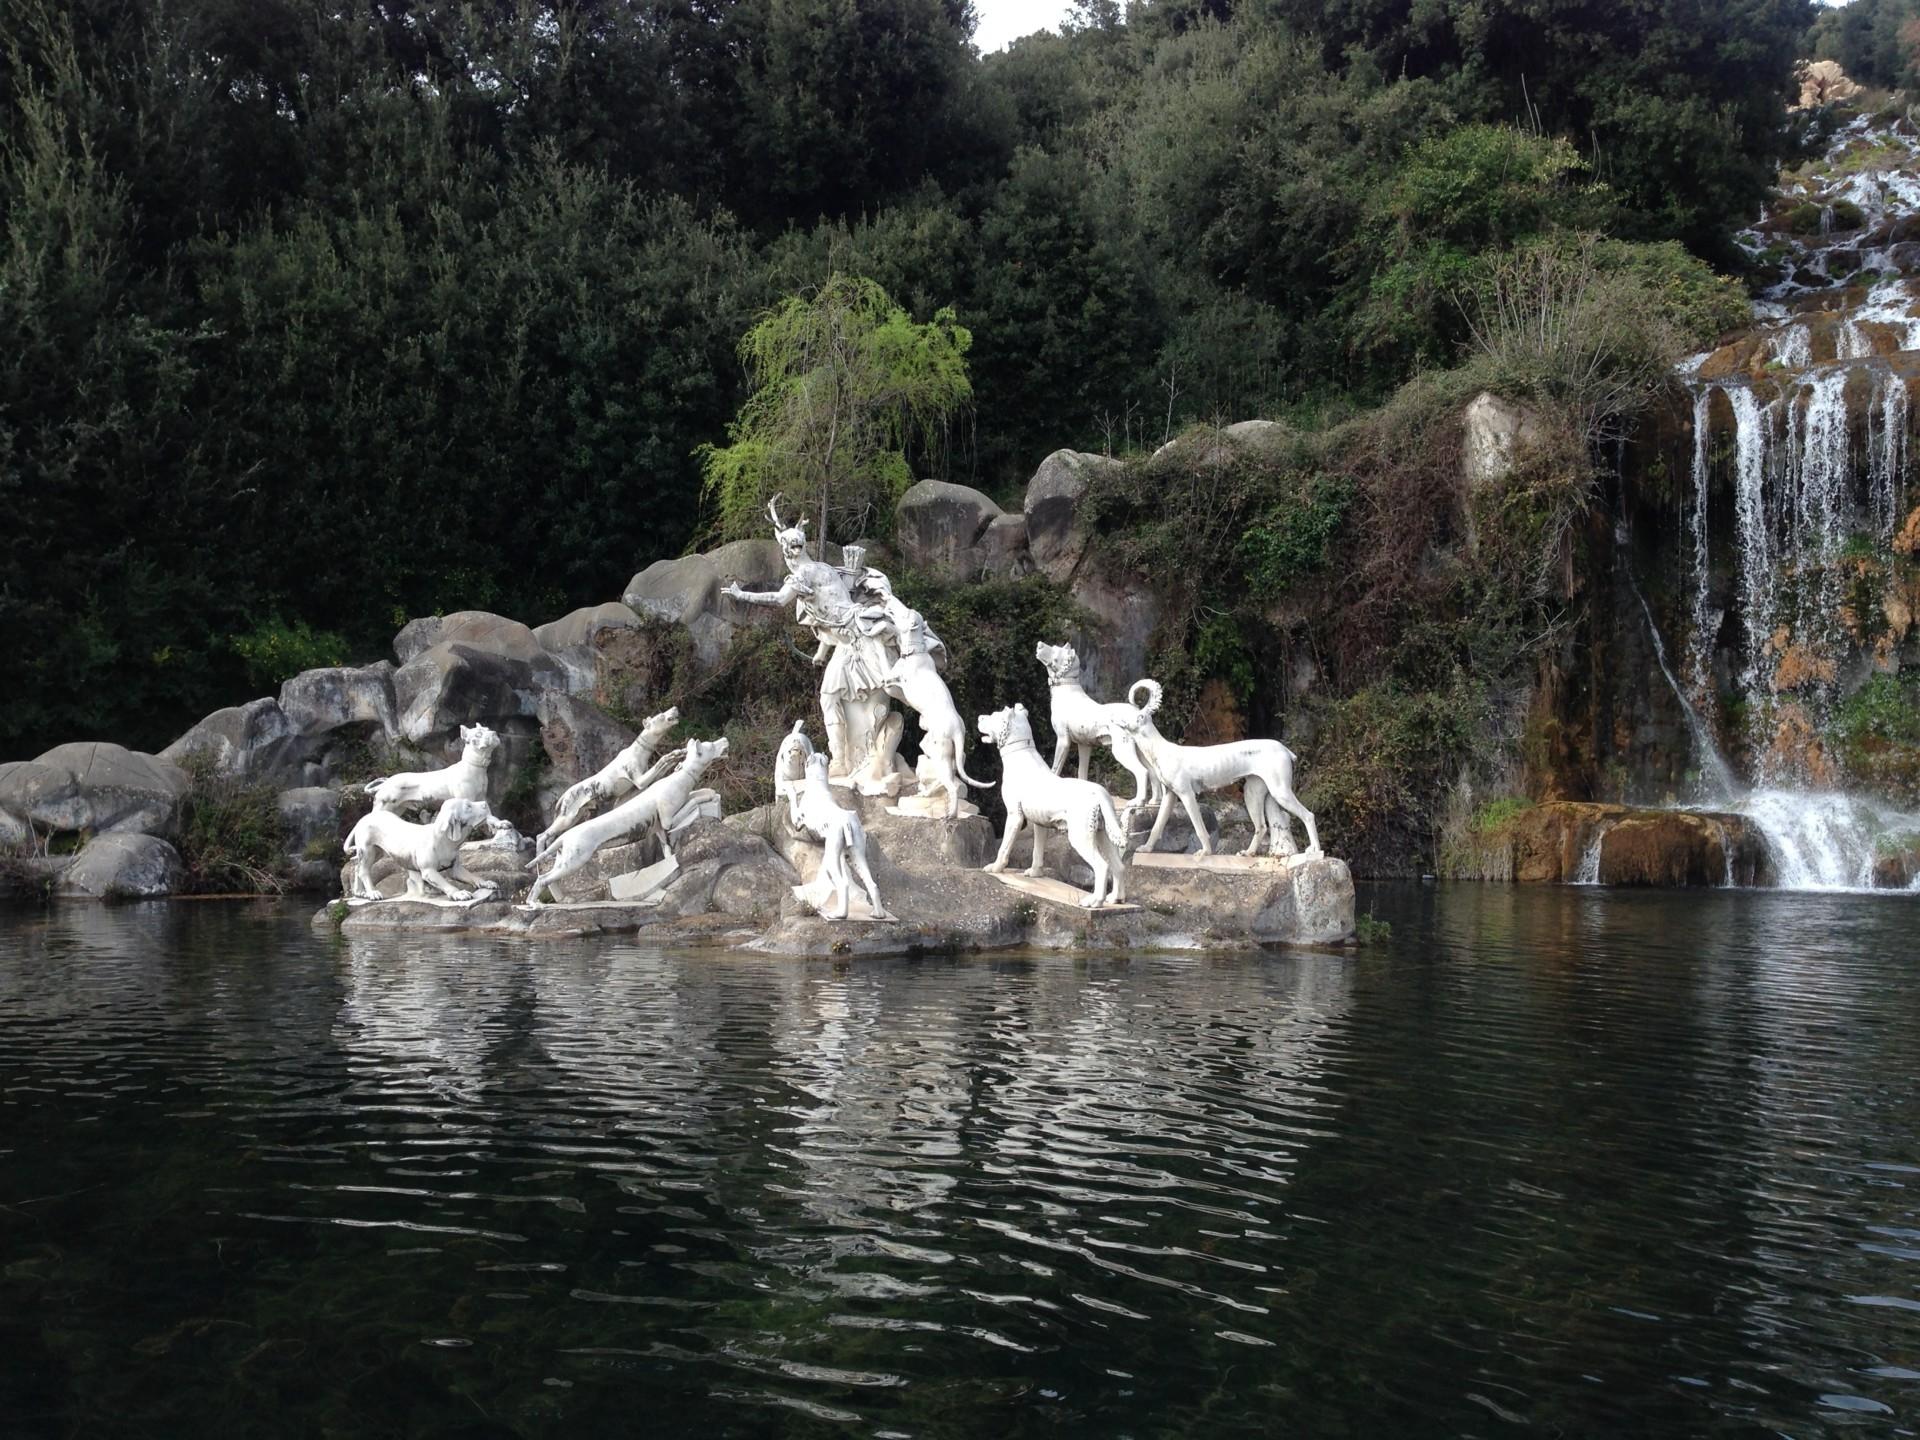 Reggia Caserta - Idylle, wären da nicht die Vulkane